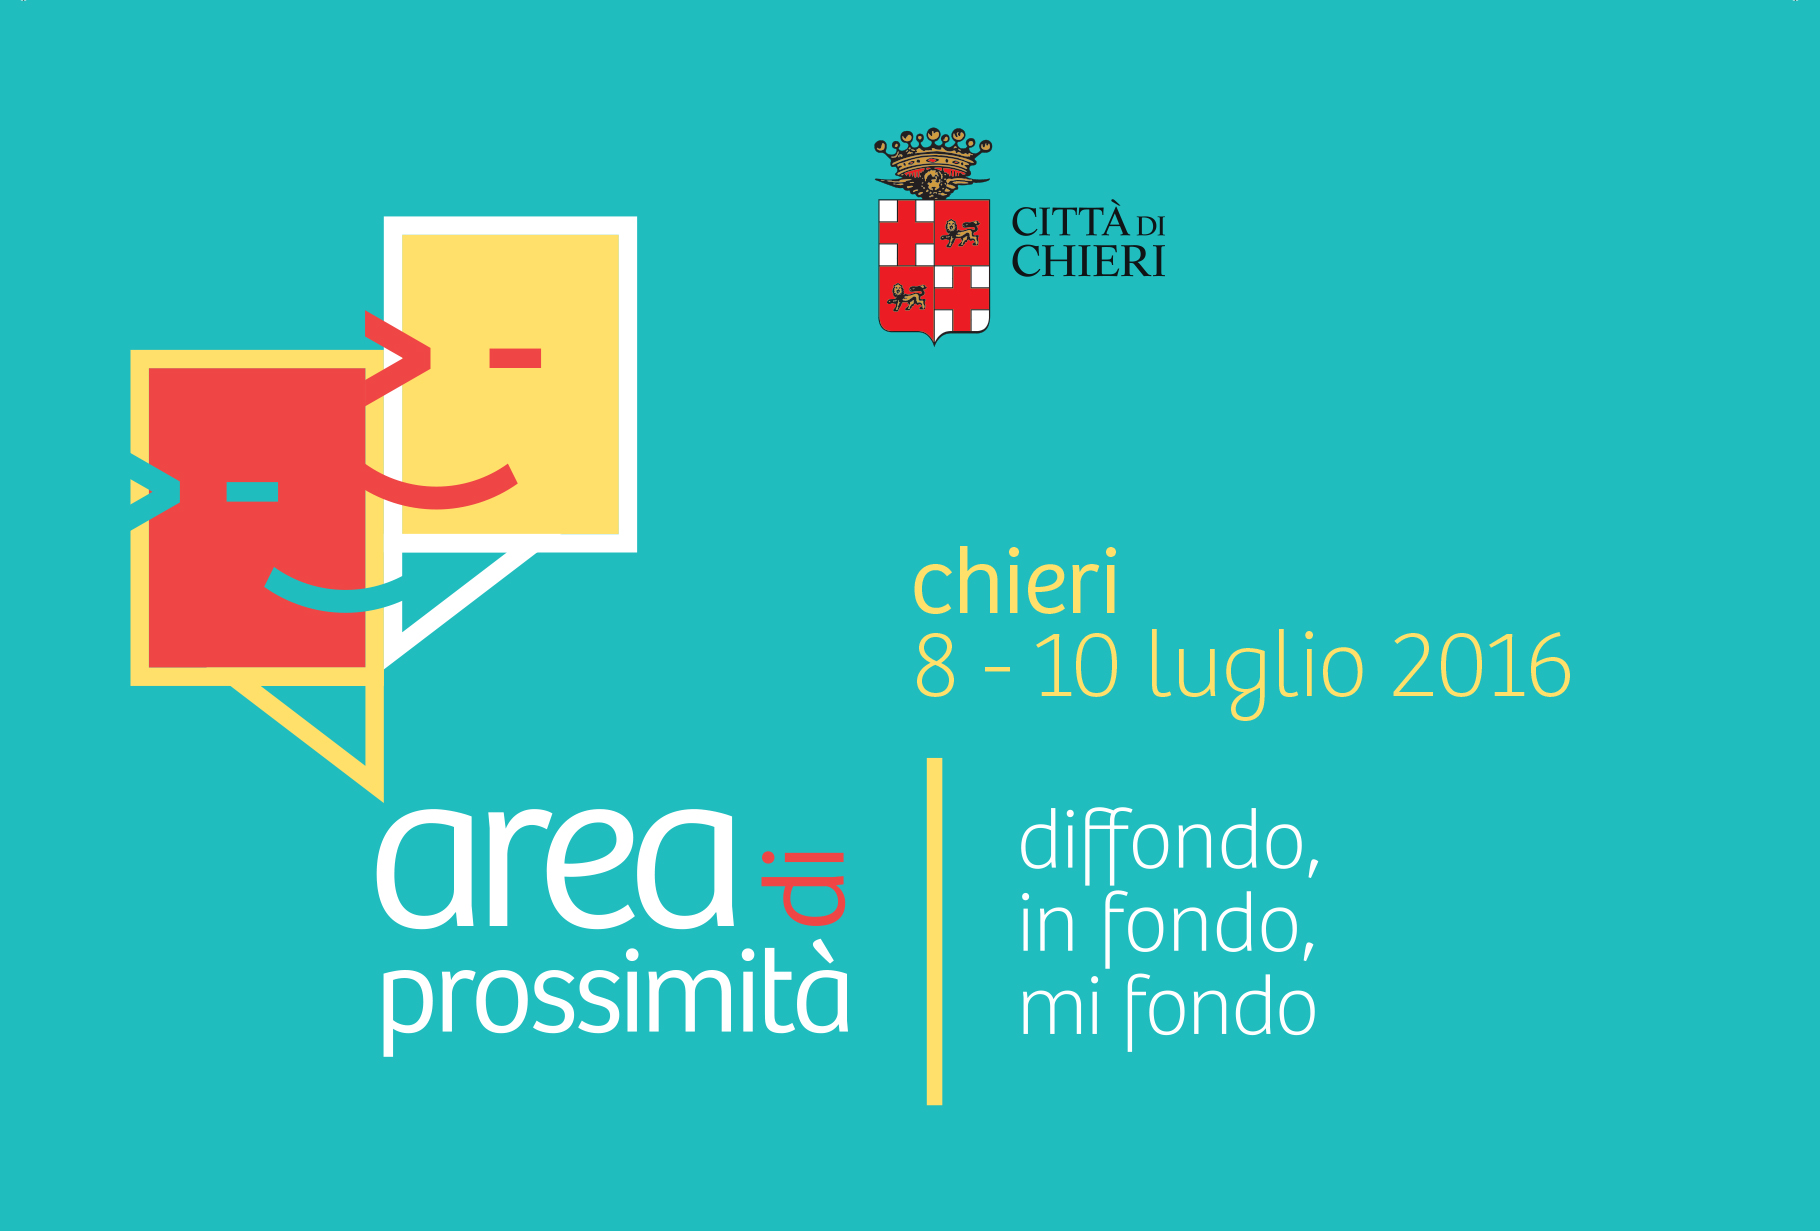 La Città di Chieri ospiterà la prima Giornata di Prossimità d'Italia